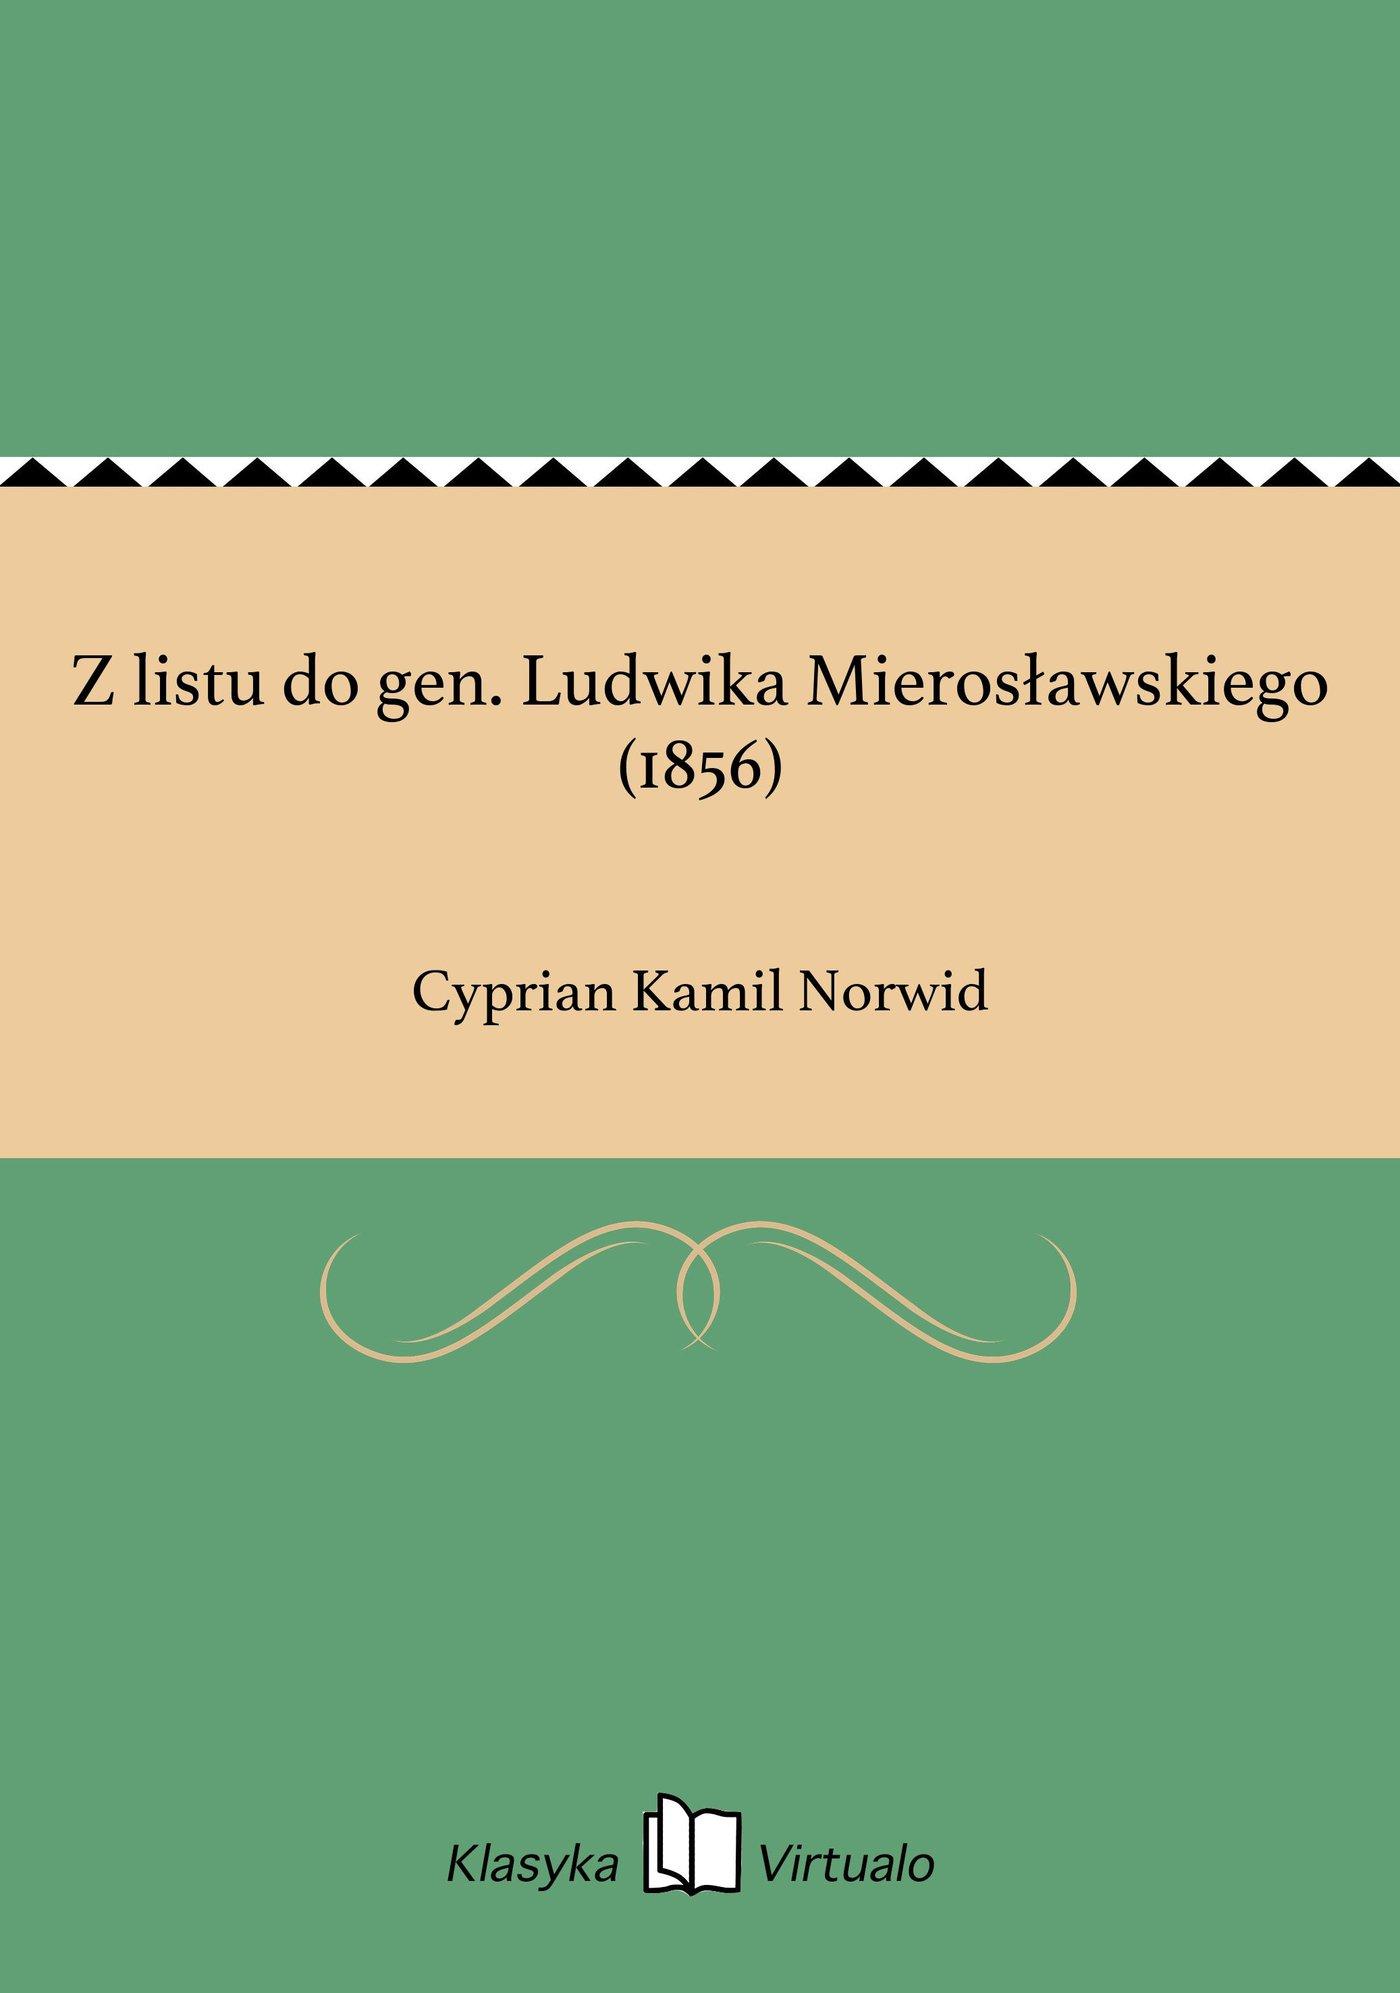 Z listu do gen. Ludwika Mierosławskiego (1856) - Ebook (Książka EPUB) do pobrania w formacie EPUB